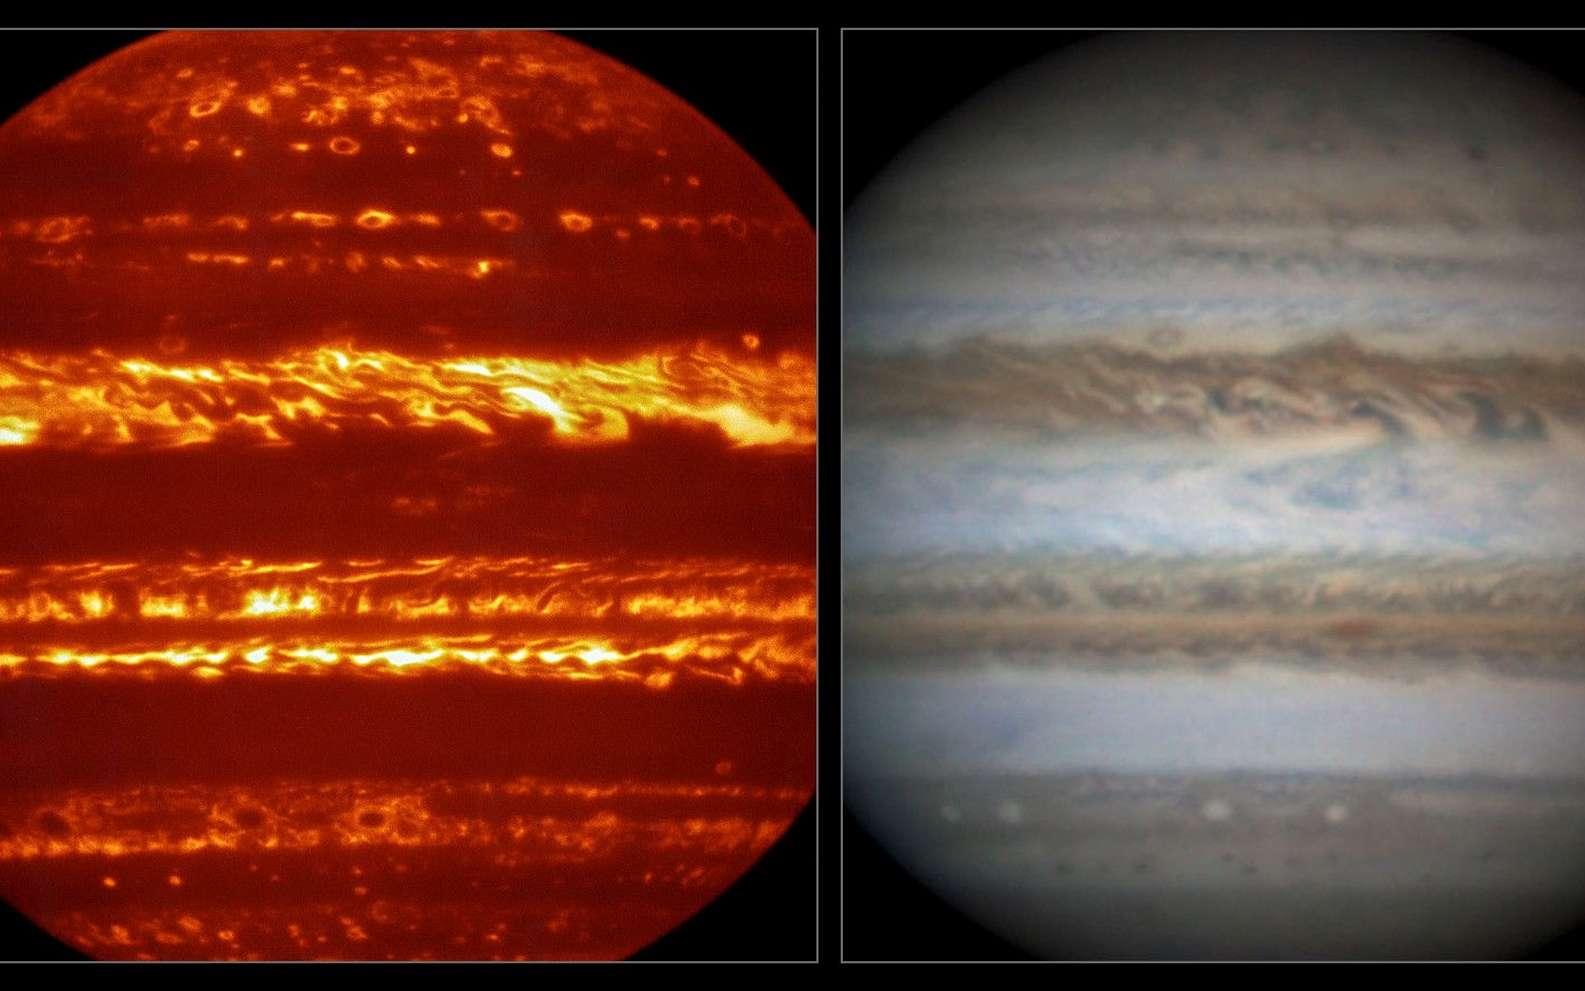 La sonde Juno, de la Nasa, arrive en orbite autour de Jupiter pour une longue mission. C'est l'occasion de photographier ou au moins d'observer la géante, comme l'ont fait le VLT, dans l'infrarouge, avec l'instrument Visir (à gauche), et l'astronome amateur Damian Peach, dans le visible (à droite). © Eso, L. N. Fletcher, Damian Peach